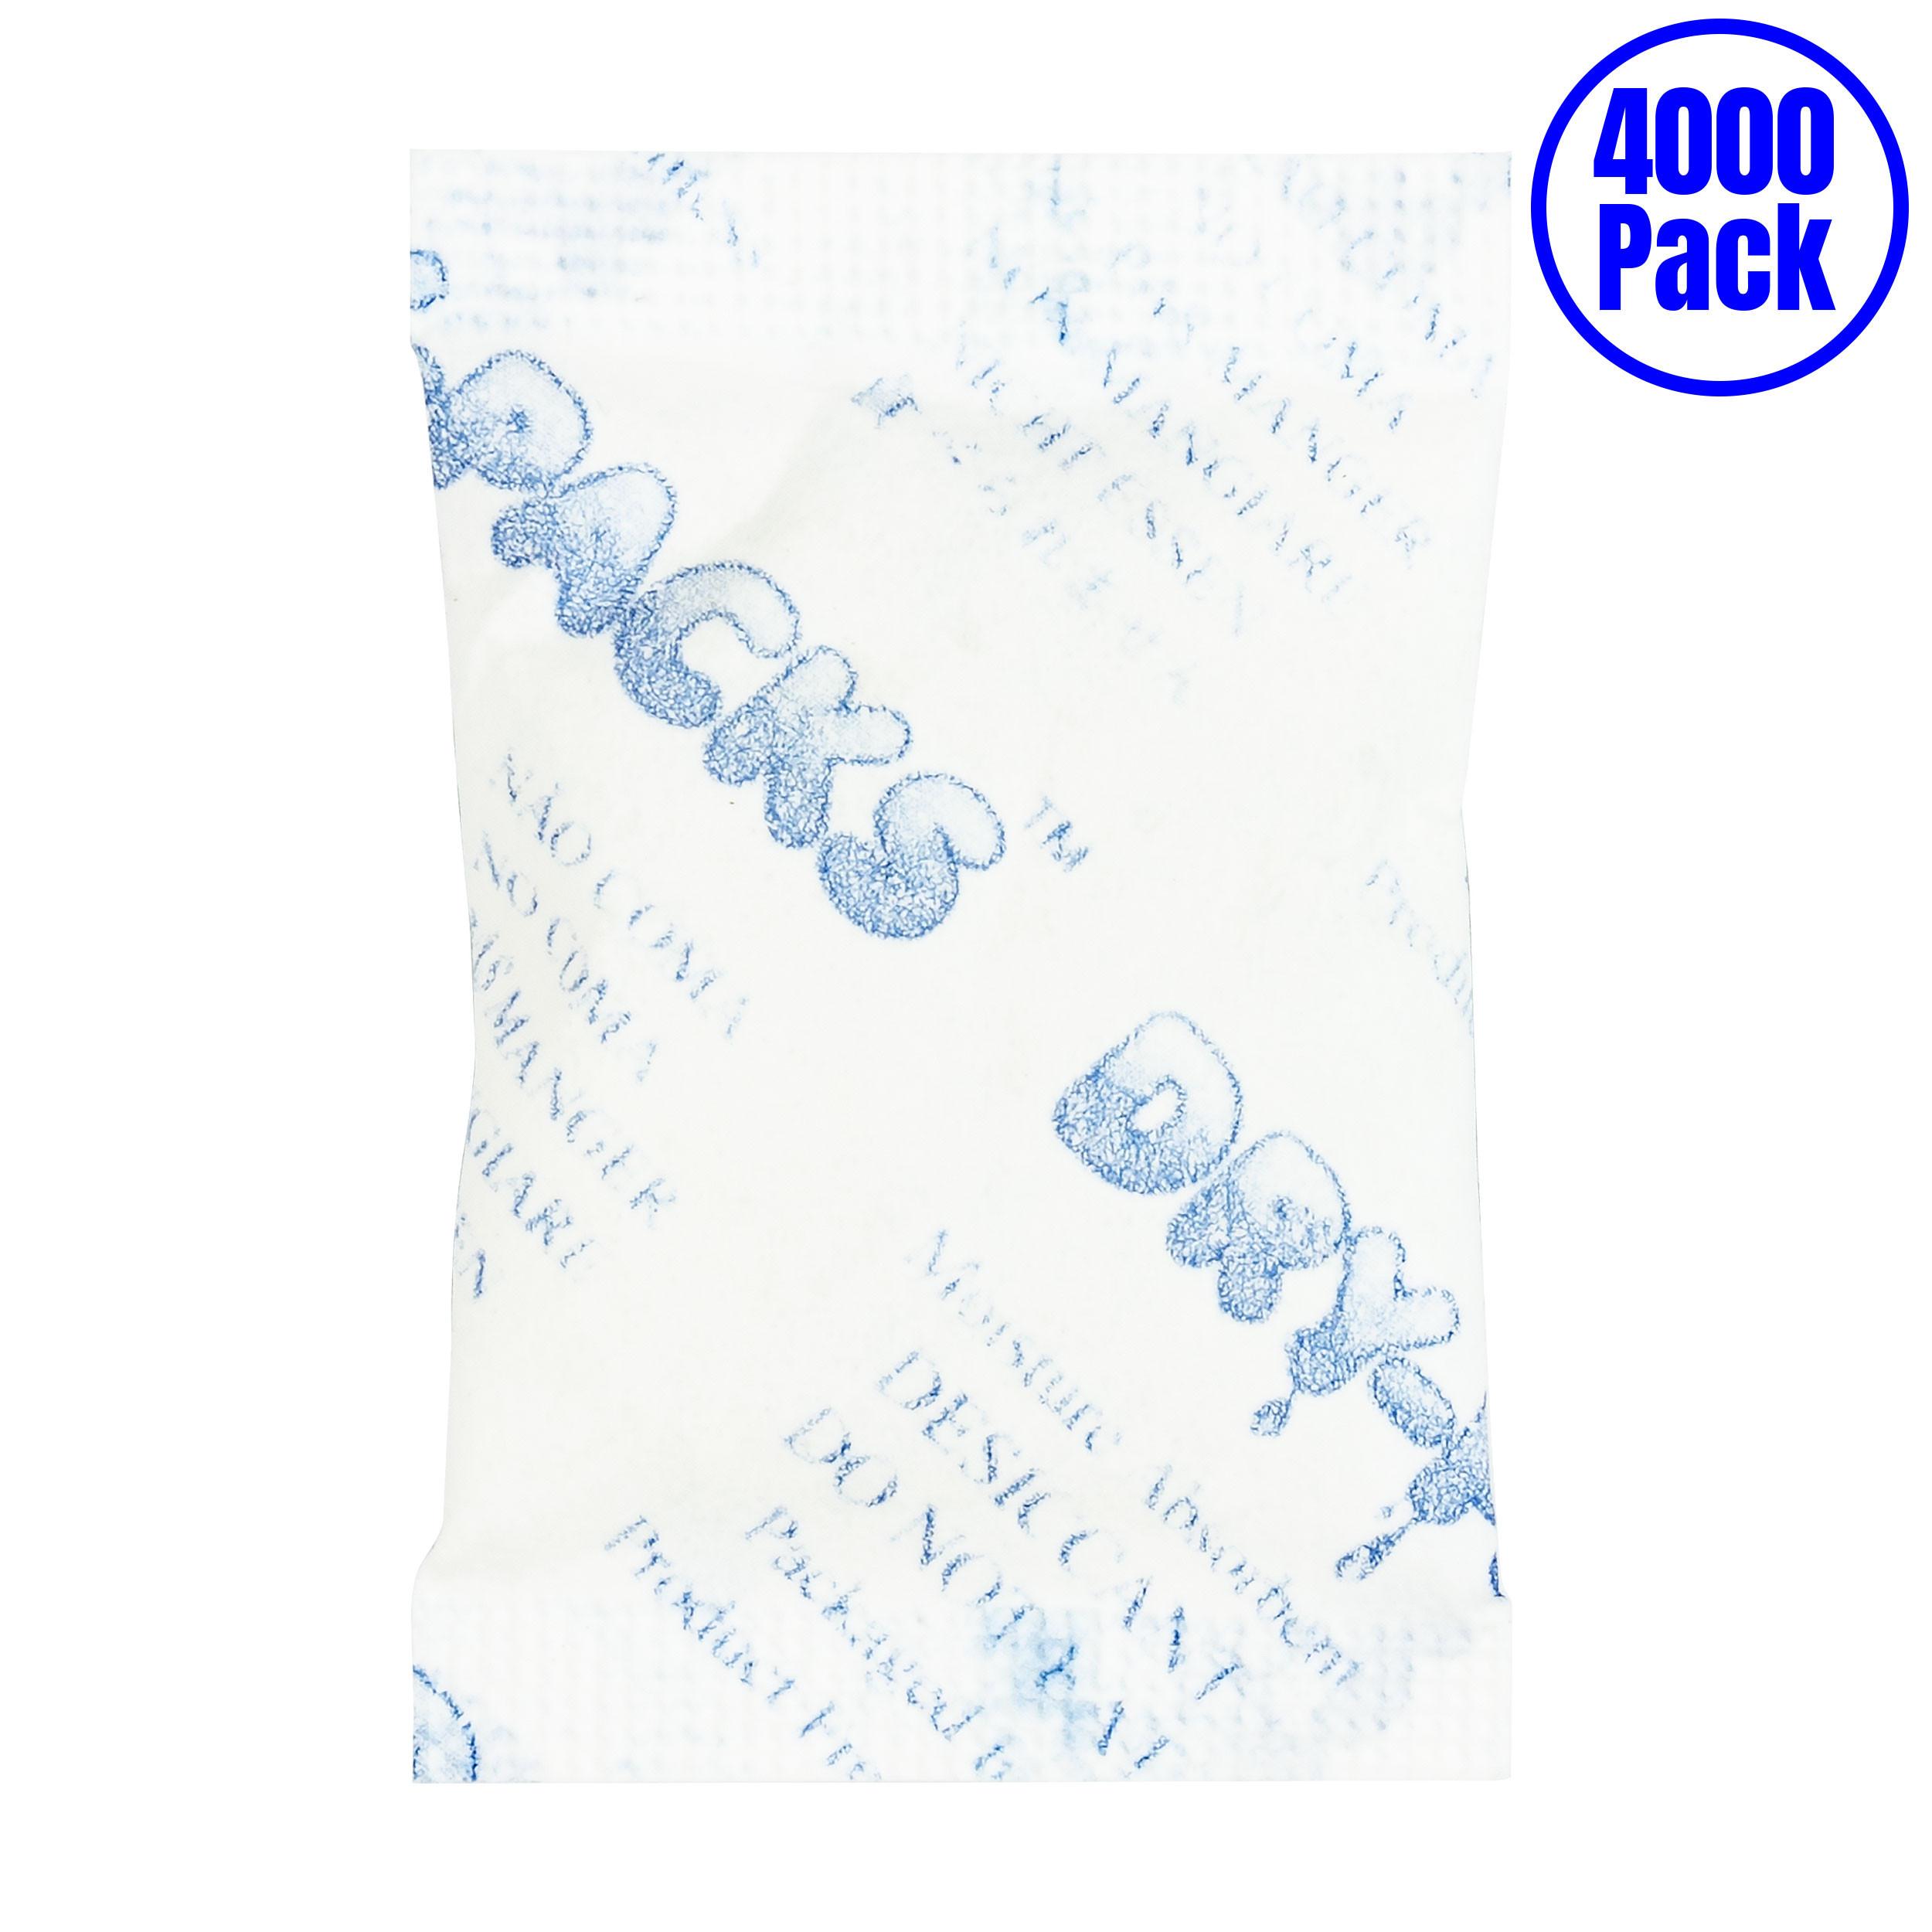 Dry-Packs 3Gr.Tyvek-4000pk 3gm Tyvek Silica Gel Packet, Pack of 4000, 4000-Pack, White